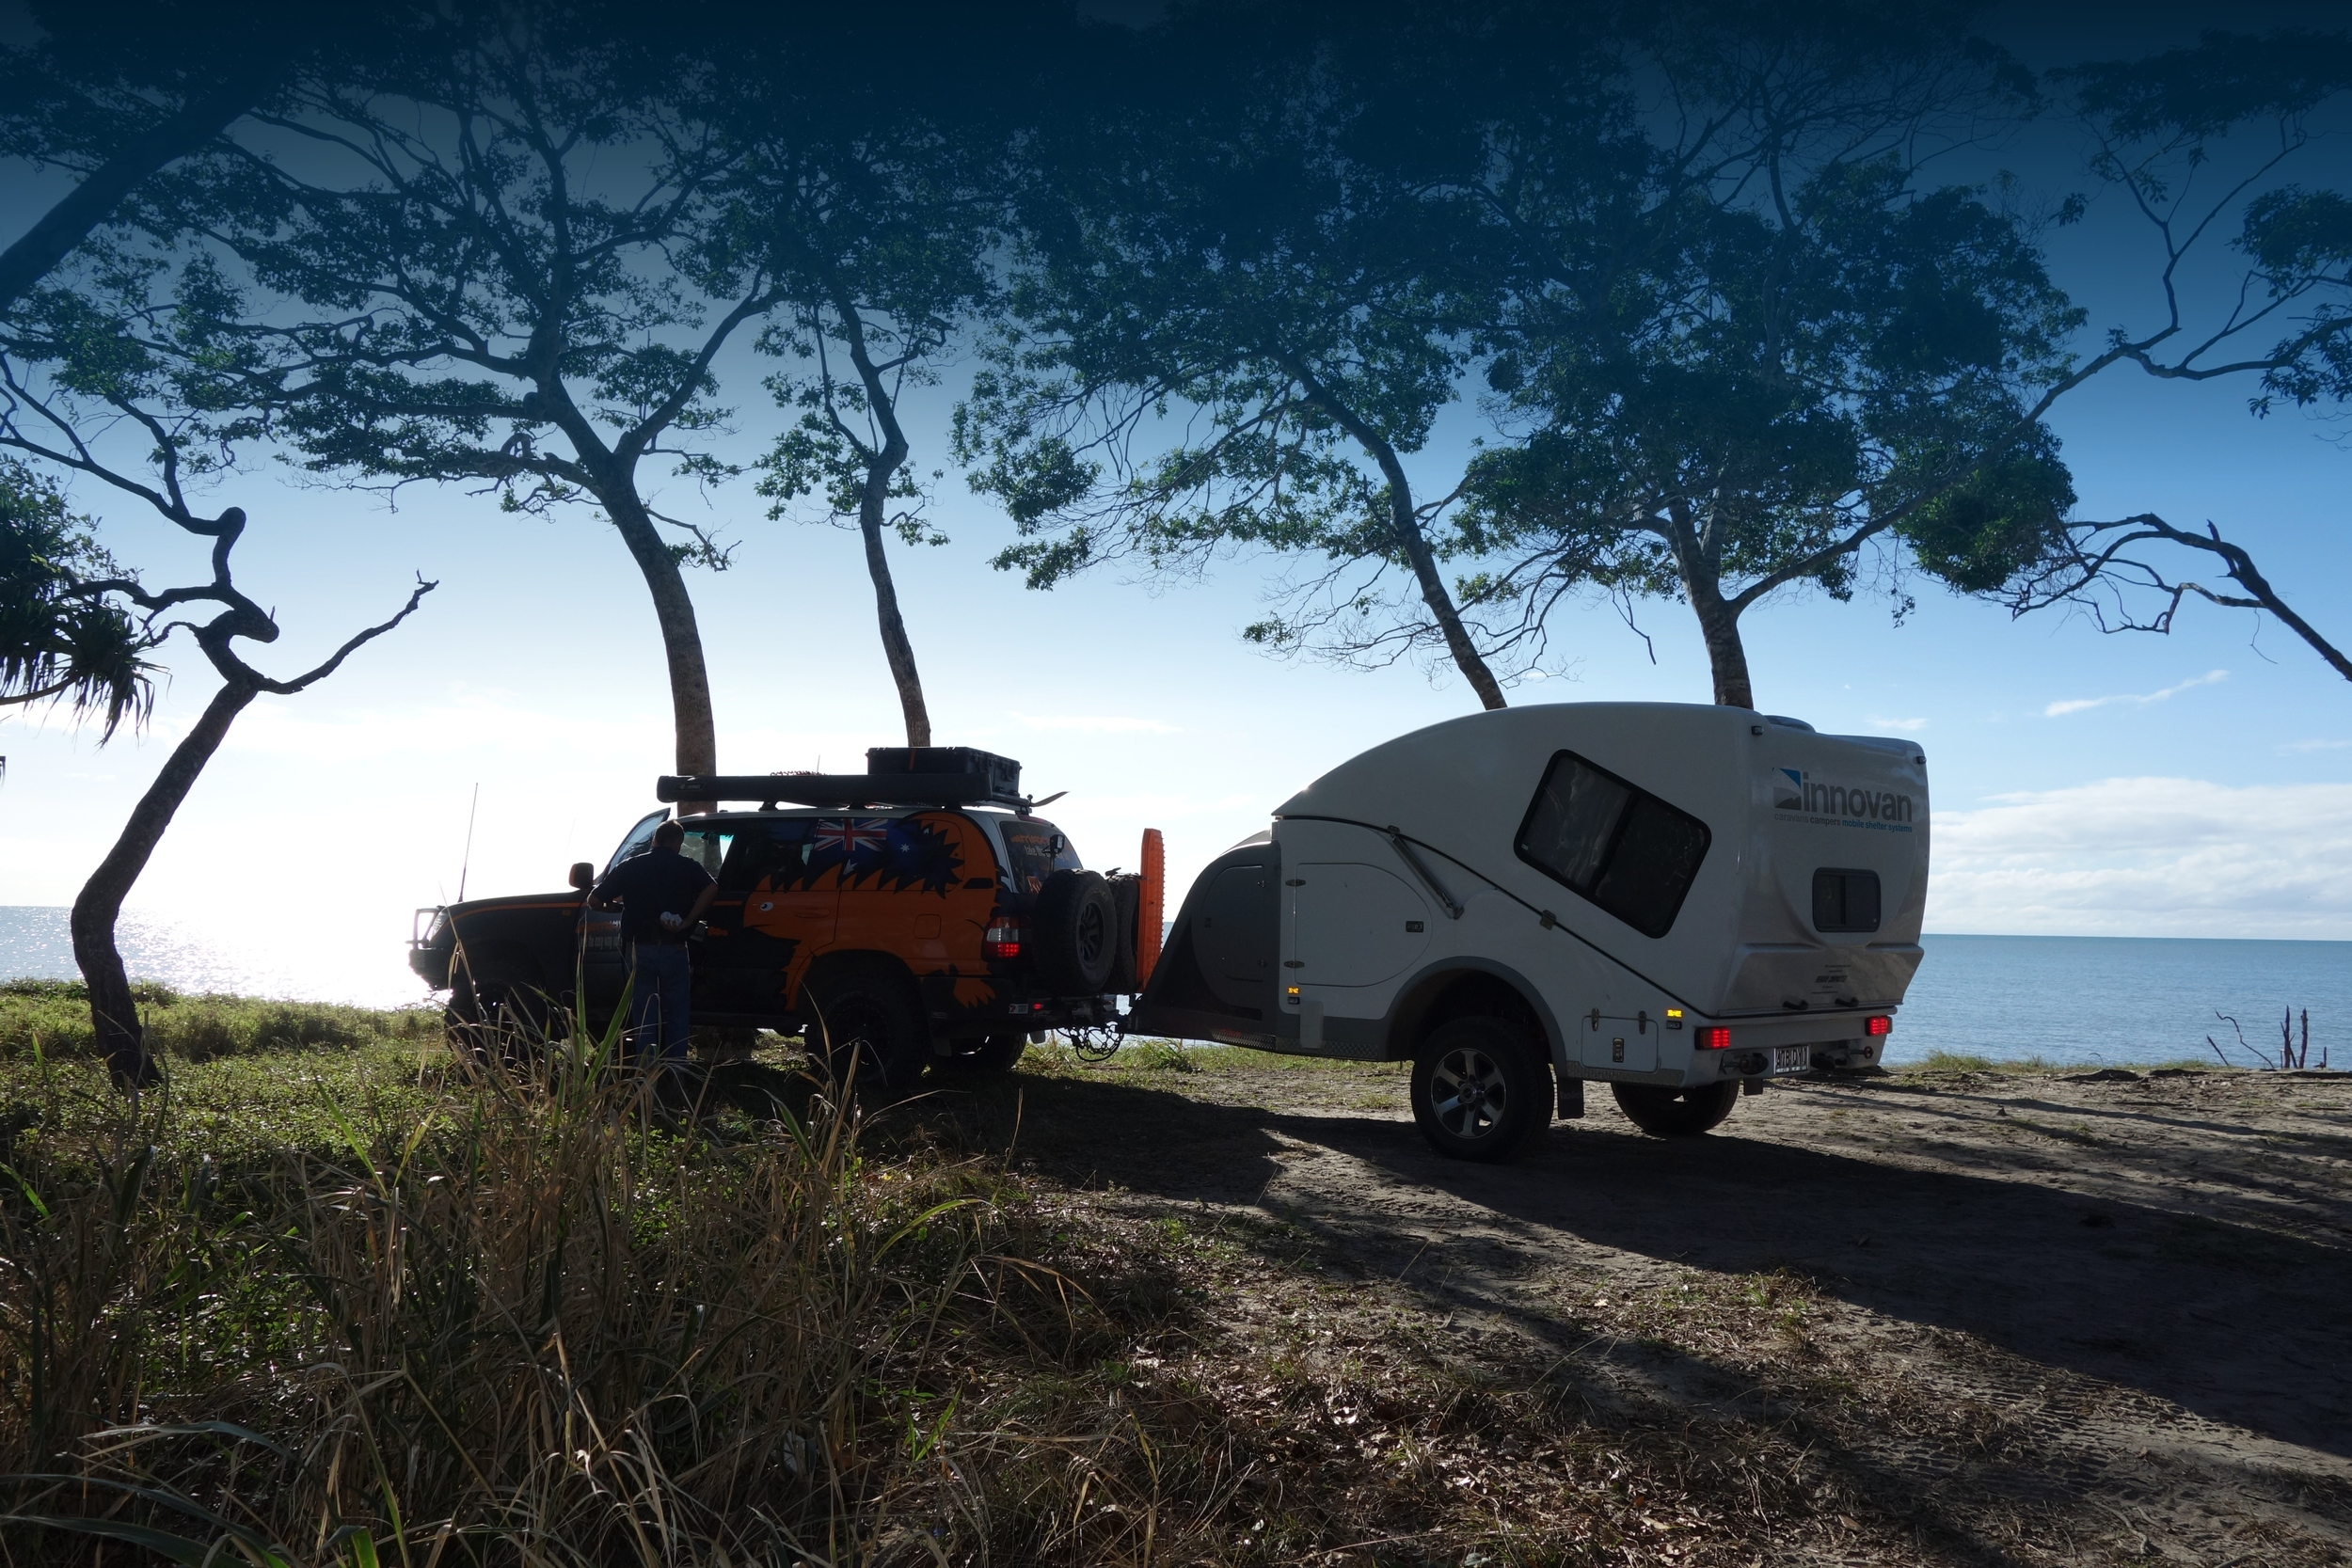 innovan camper van